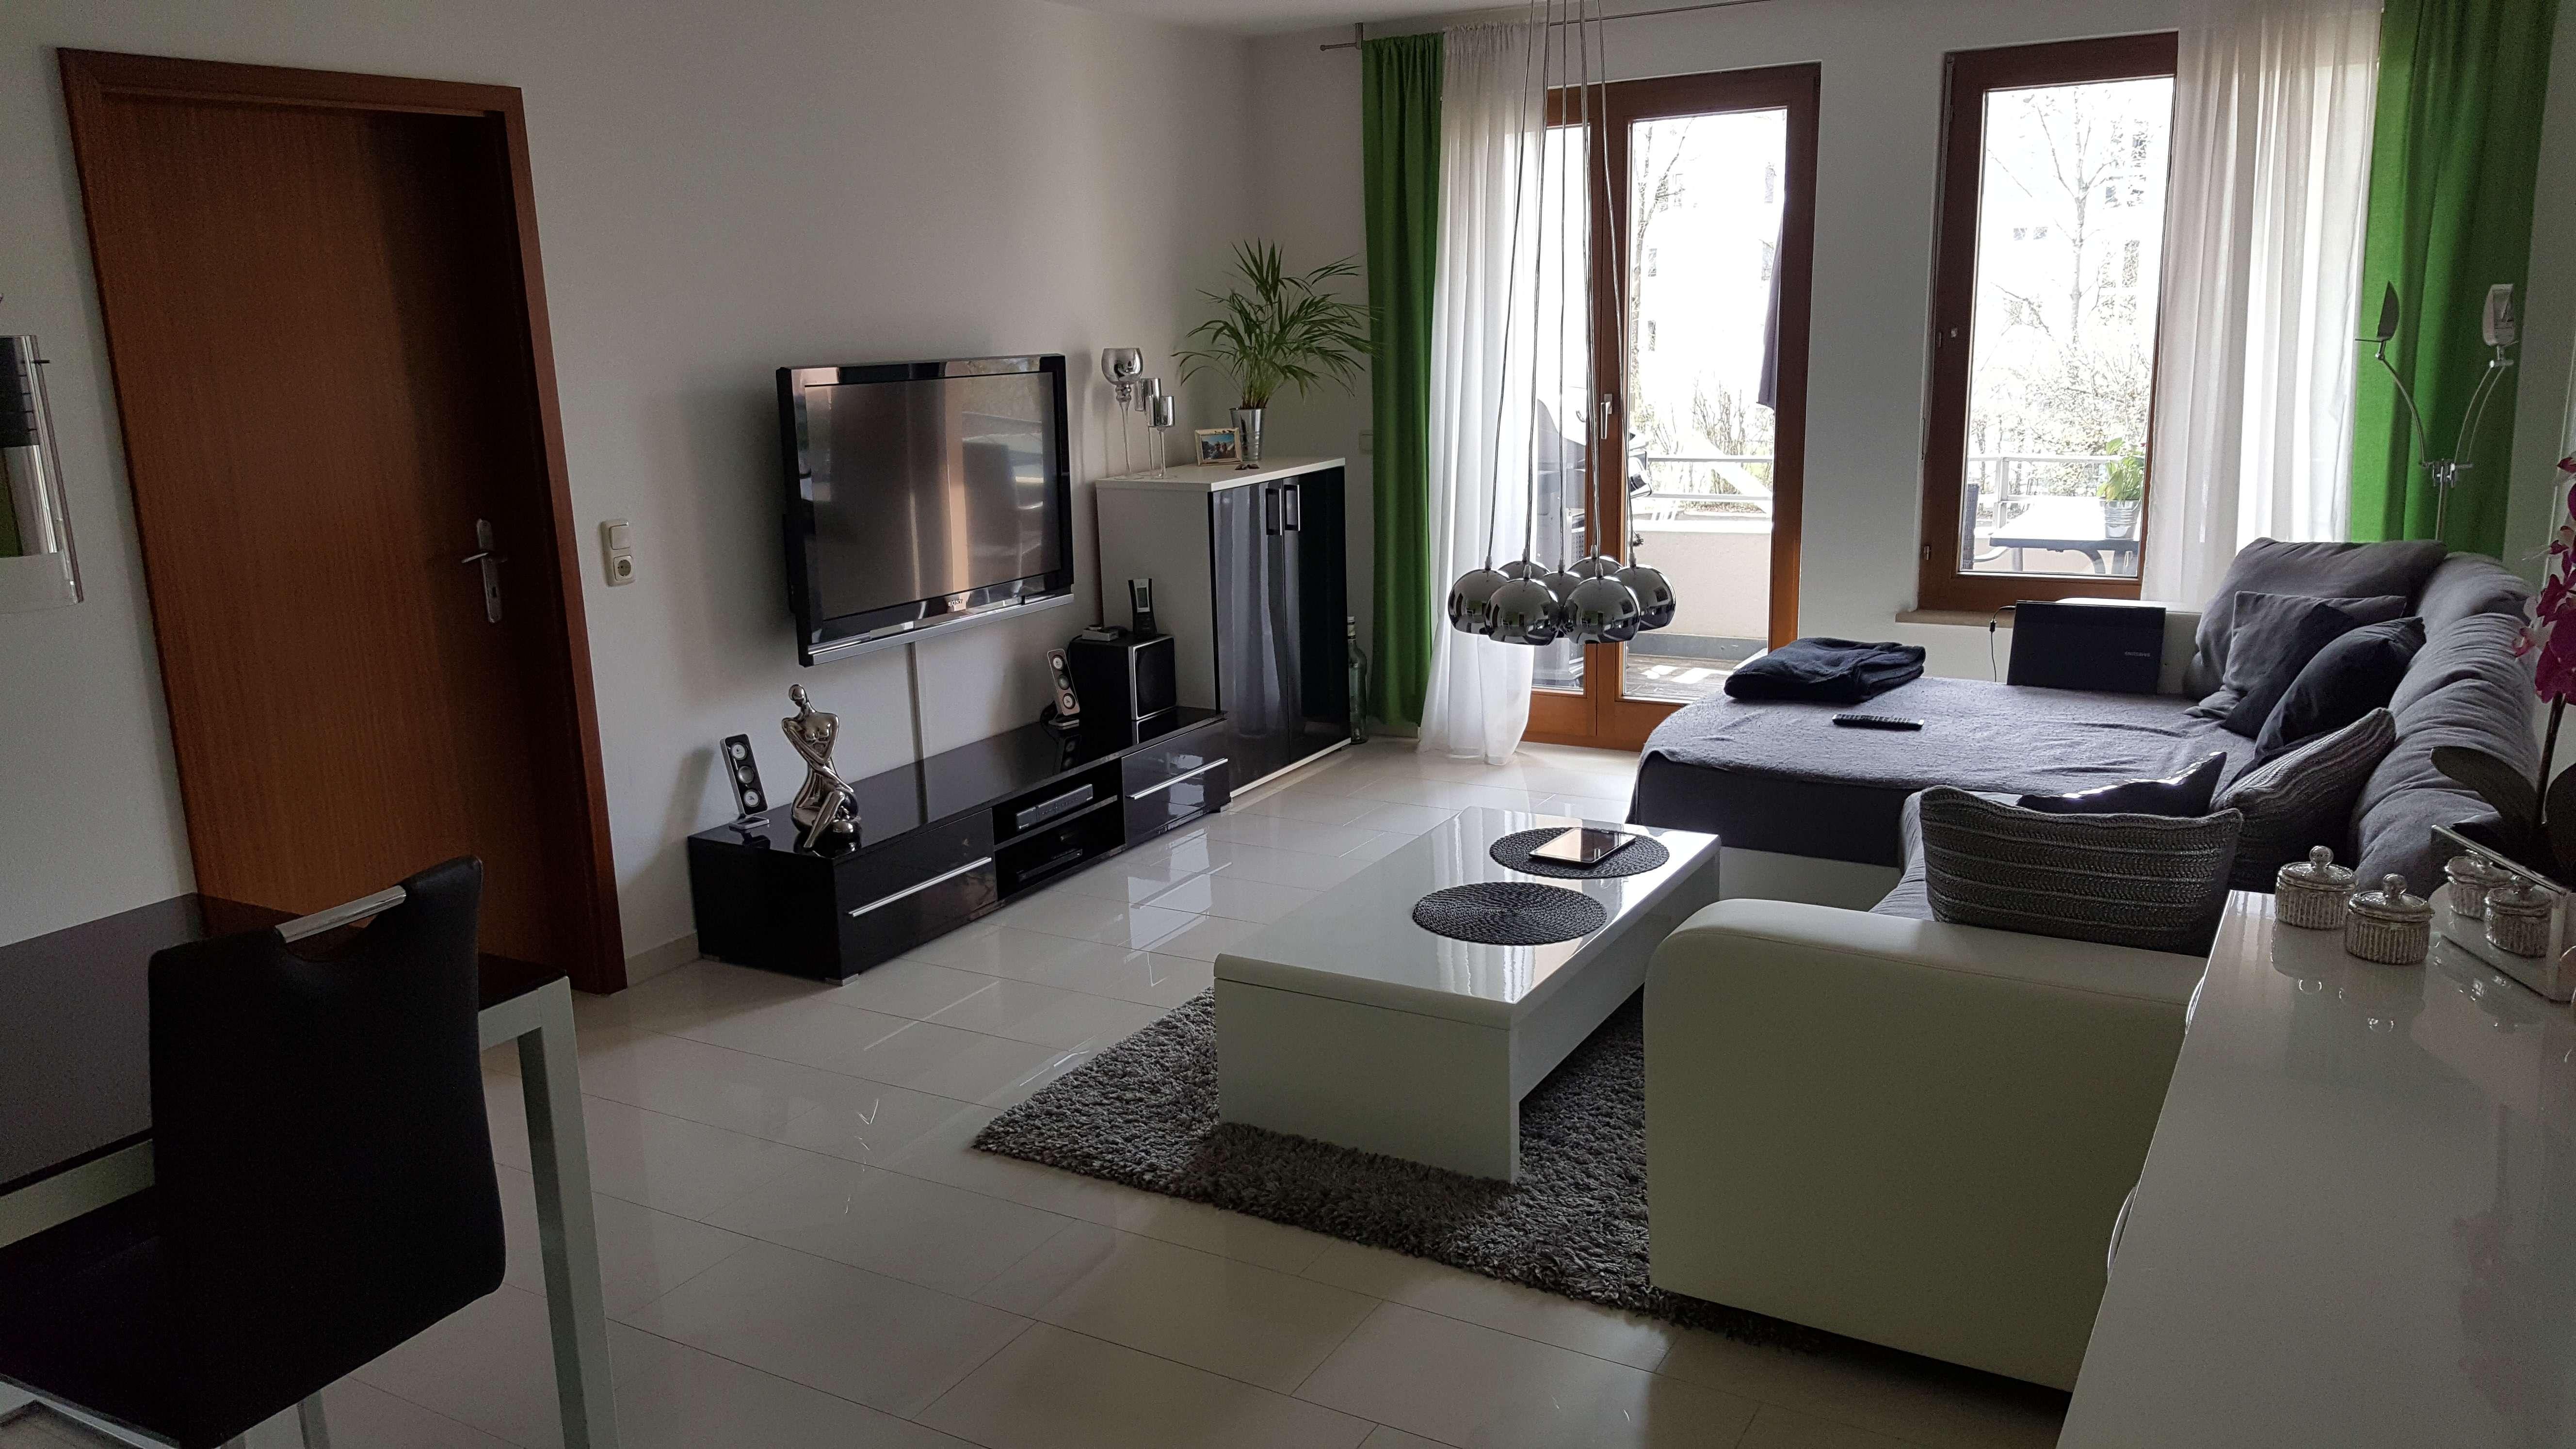 Helle 2-Zimmer-Wohnung mit Balkon in Neusäß/Schmutterpark in Neusäß